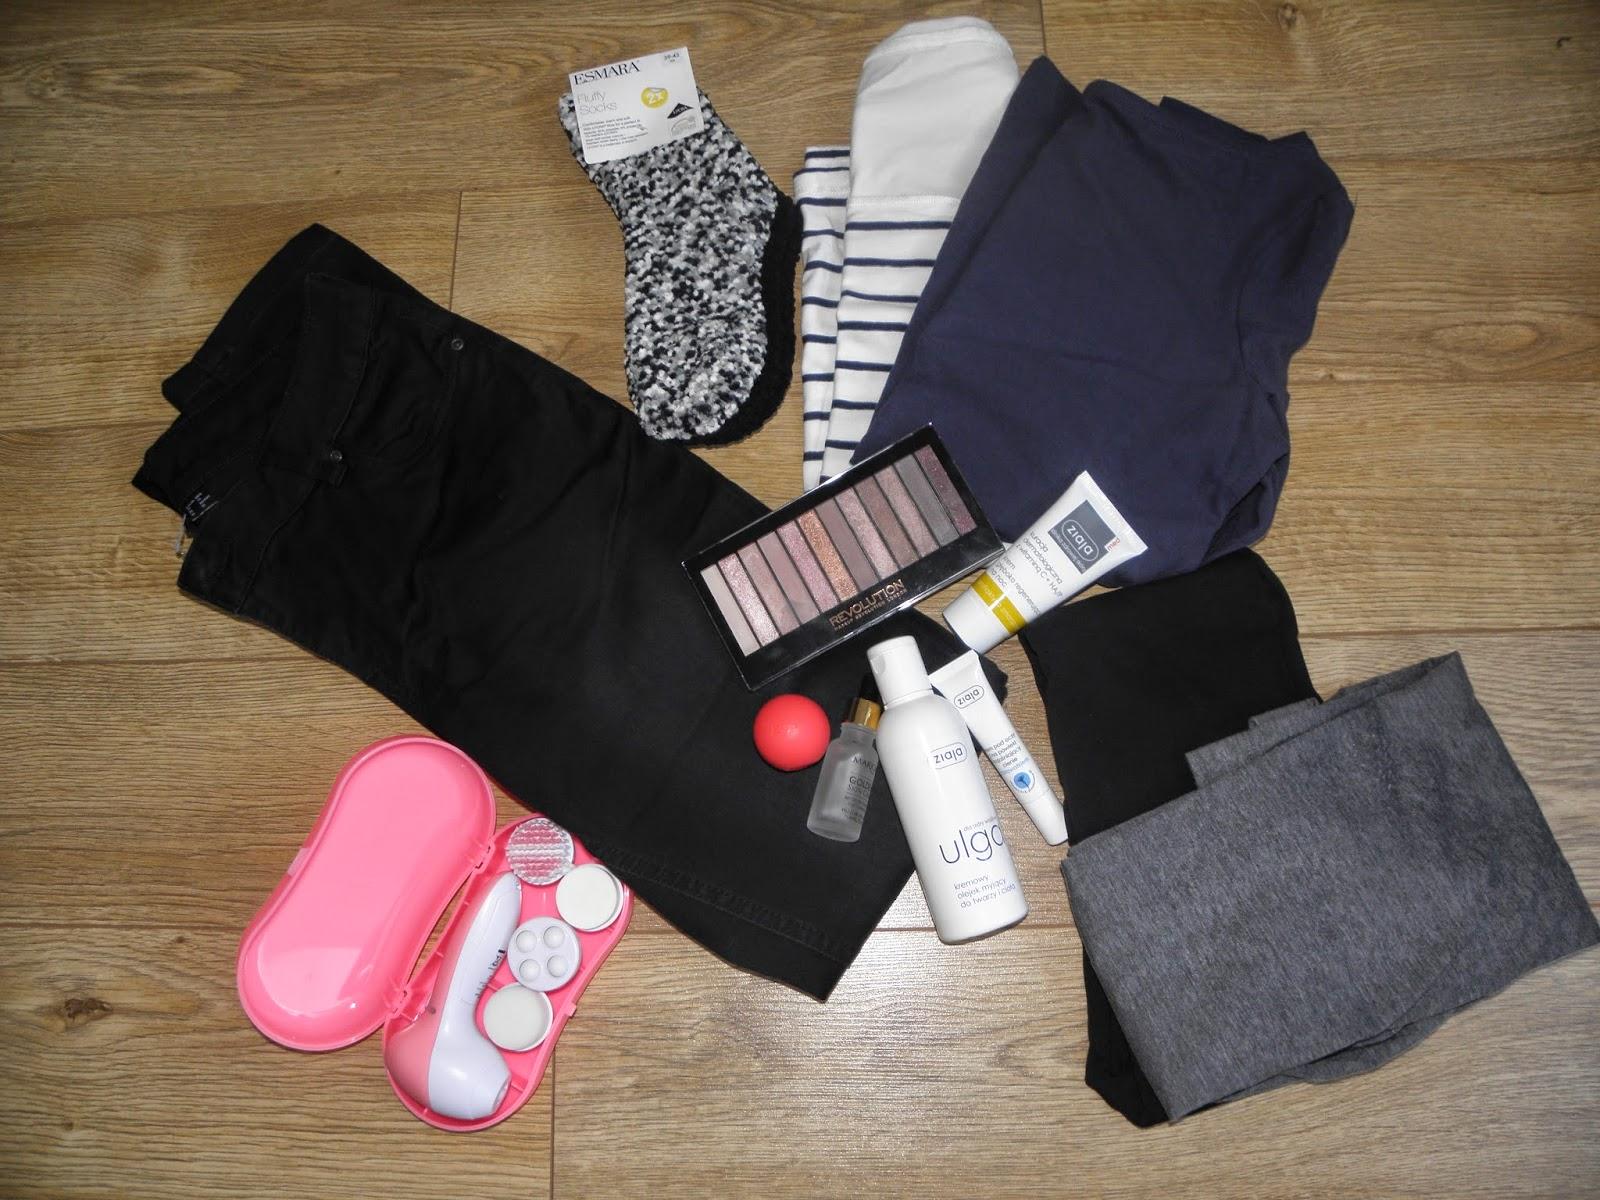 Kilka nowości w mojej szafie i kosmetyczce